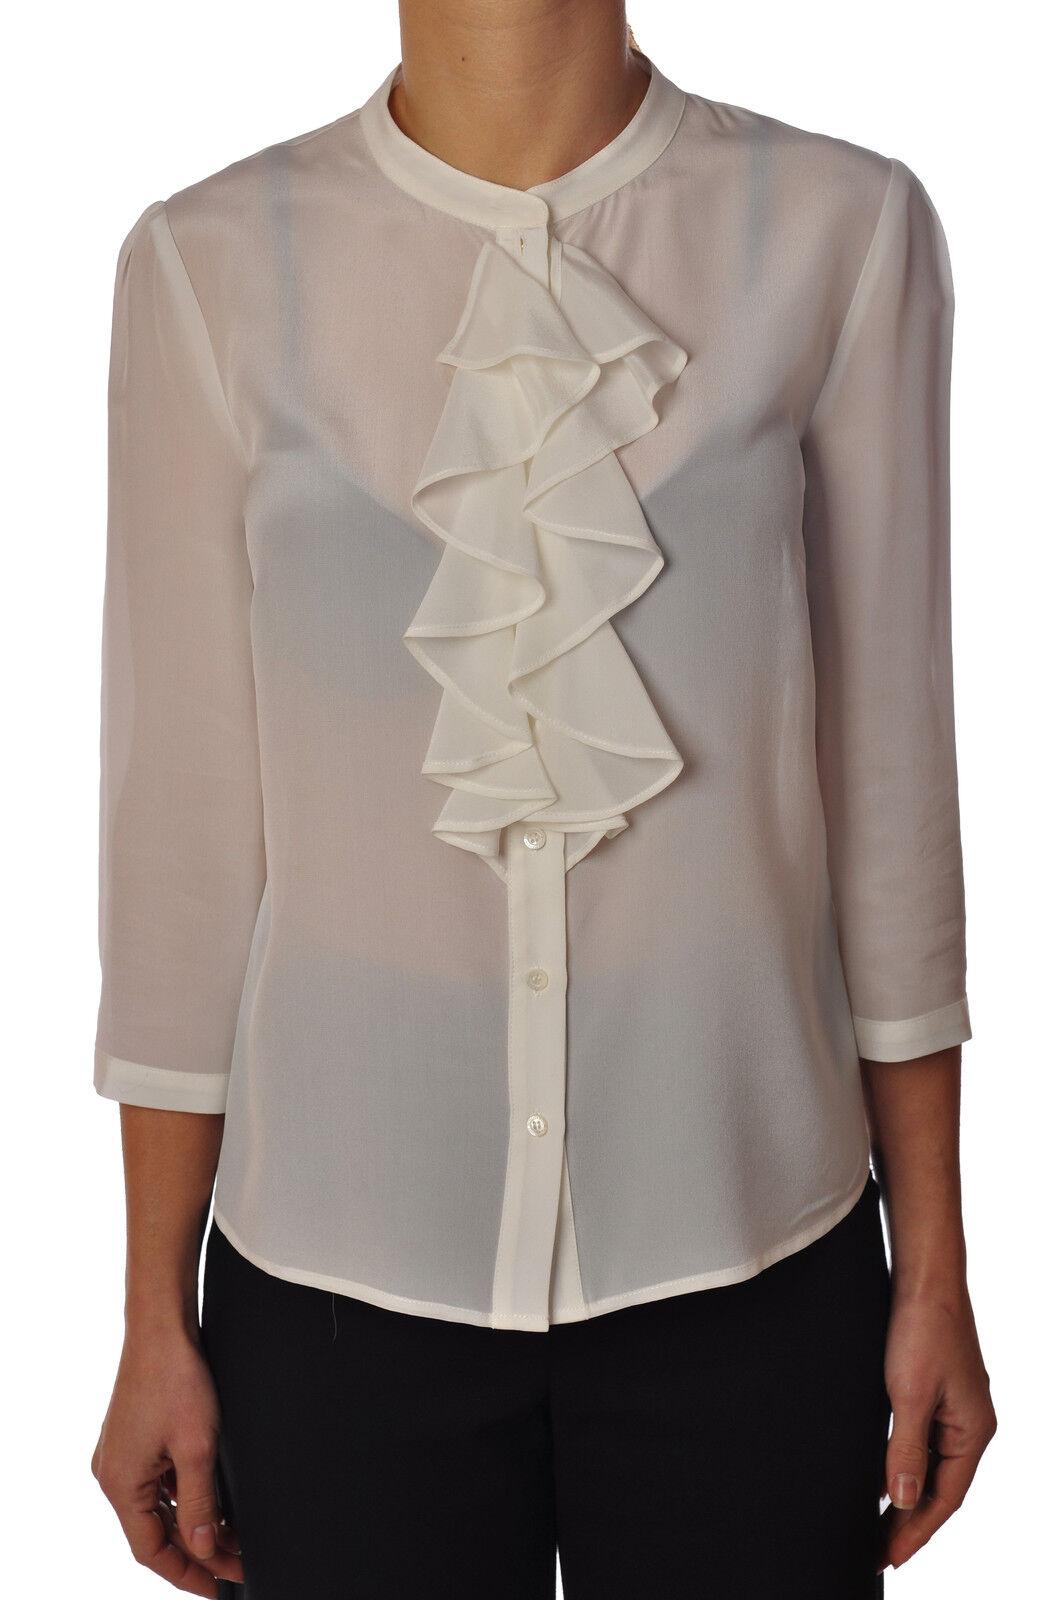 Patrizia Pepe -  azulsen-Shirt - Frau - blanco - 3279210D190642  tienda de venta en línea